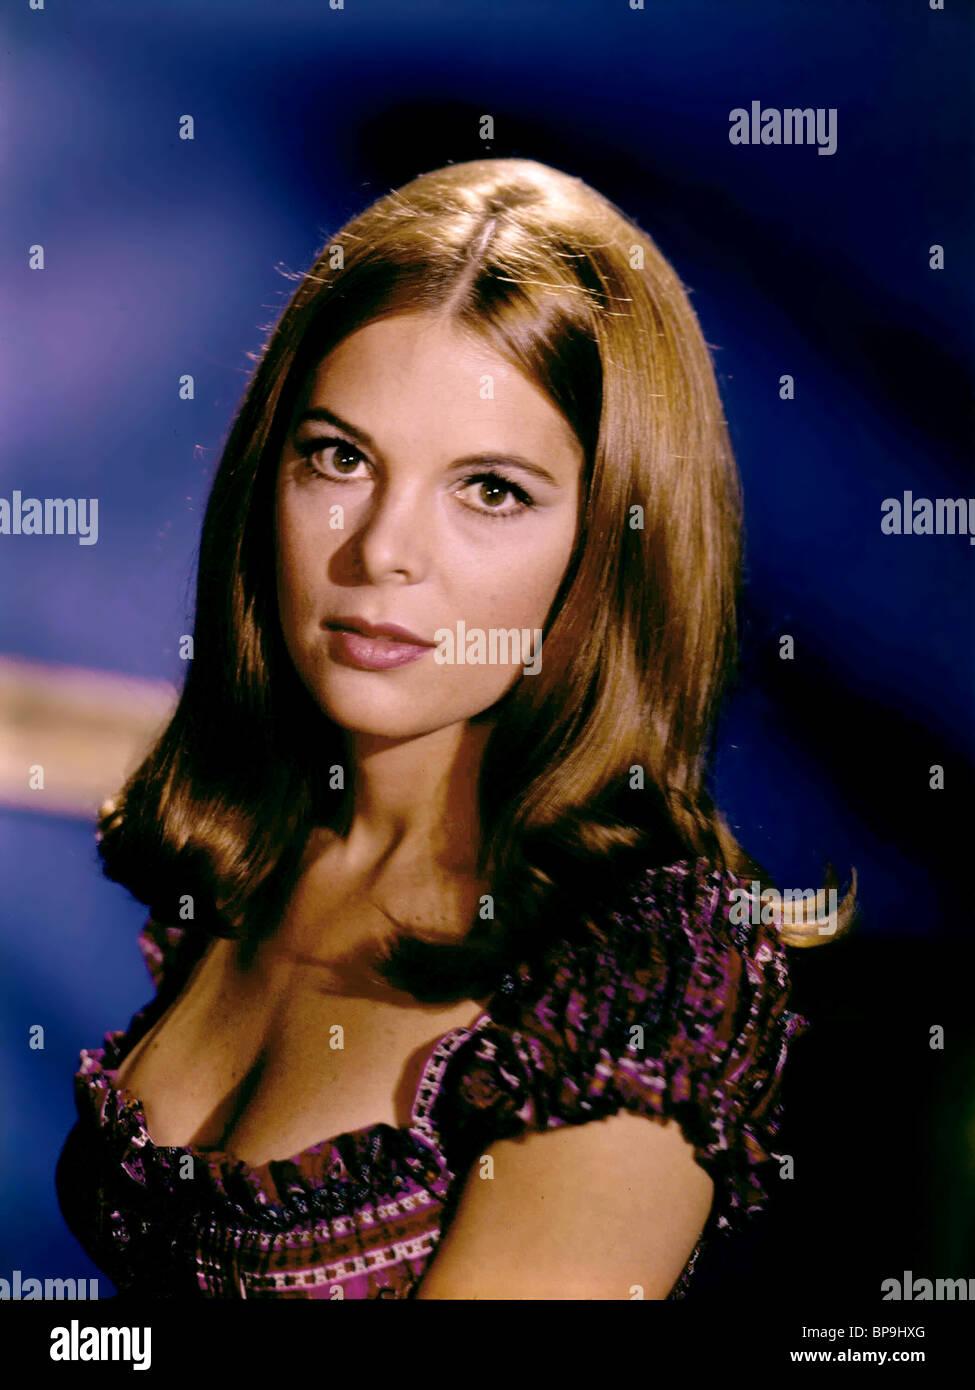 MIKKI JAMISON ADAM-12 (1968) - Stock Image